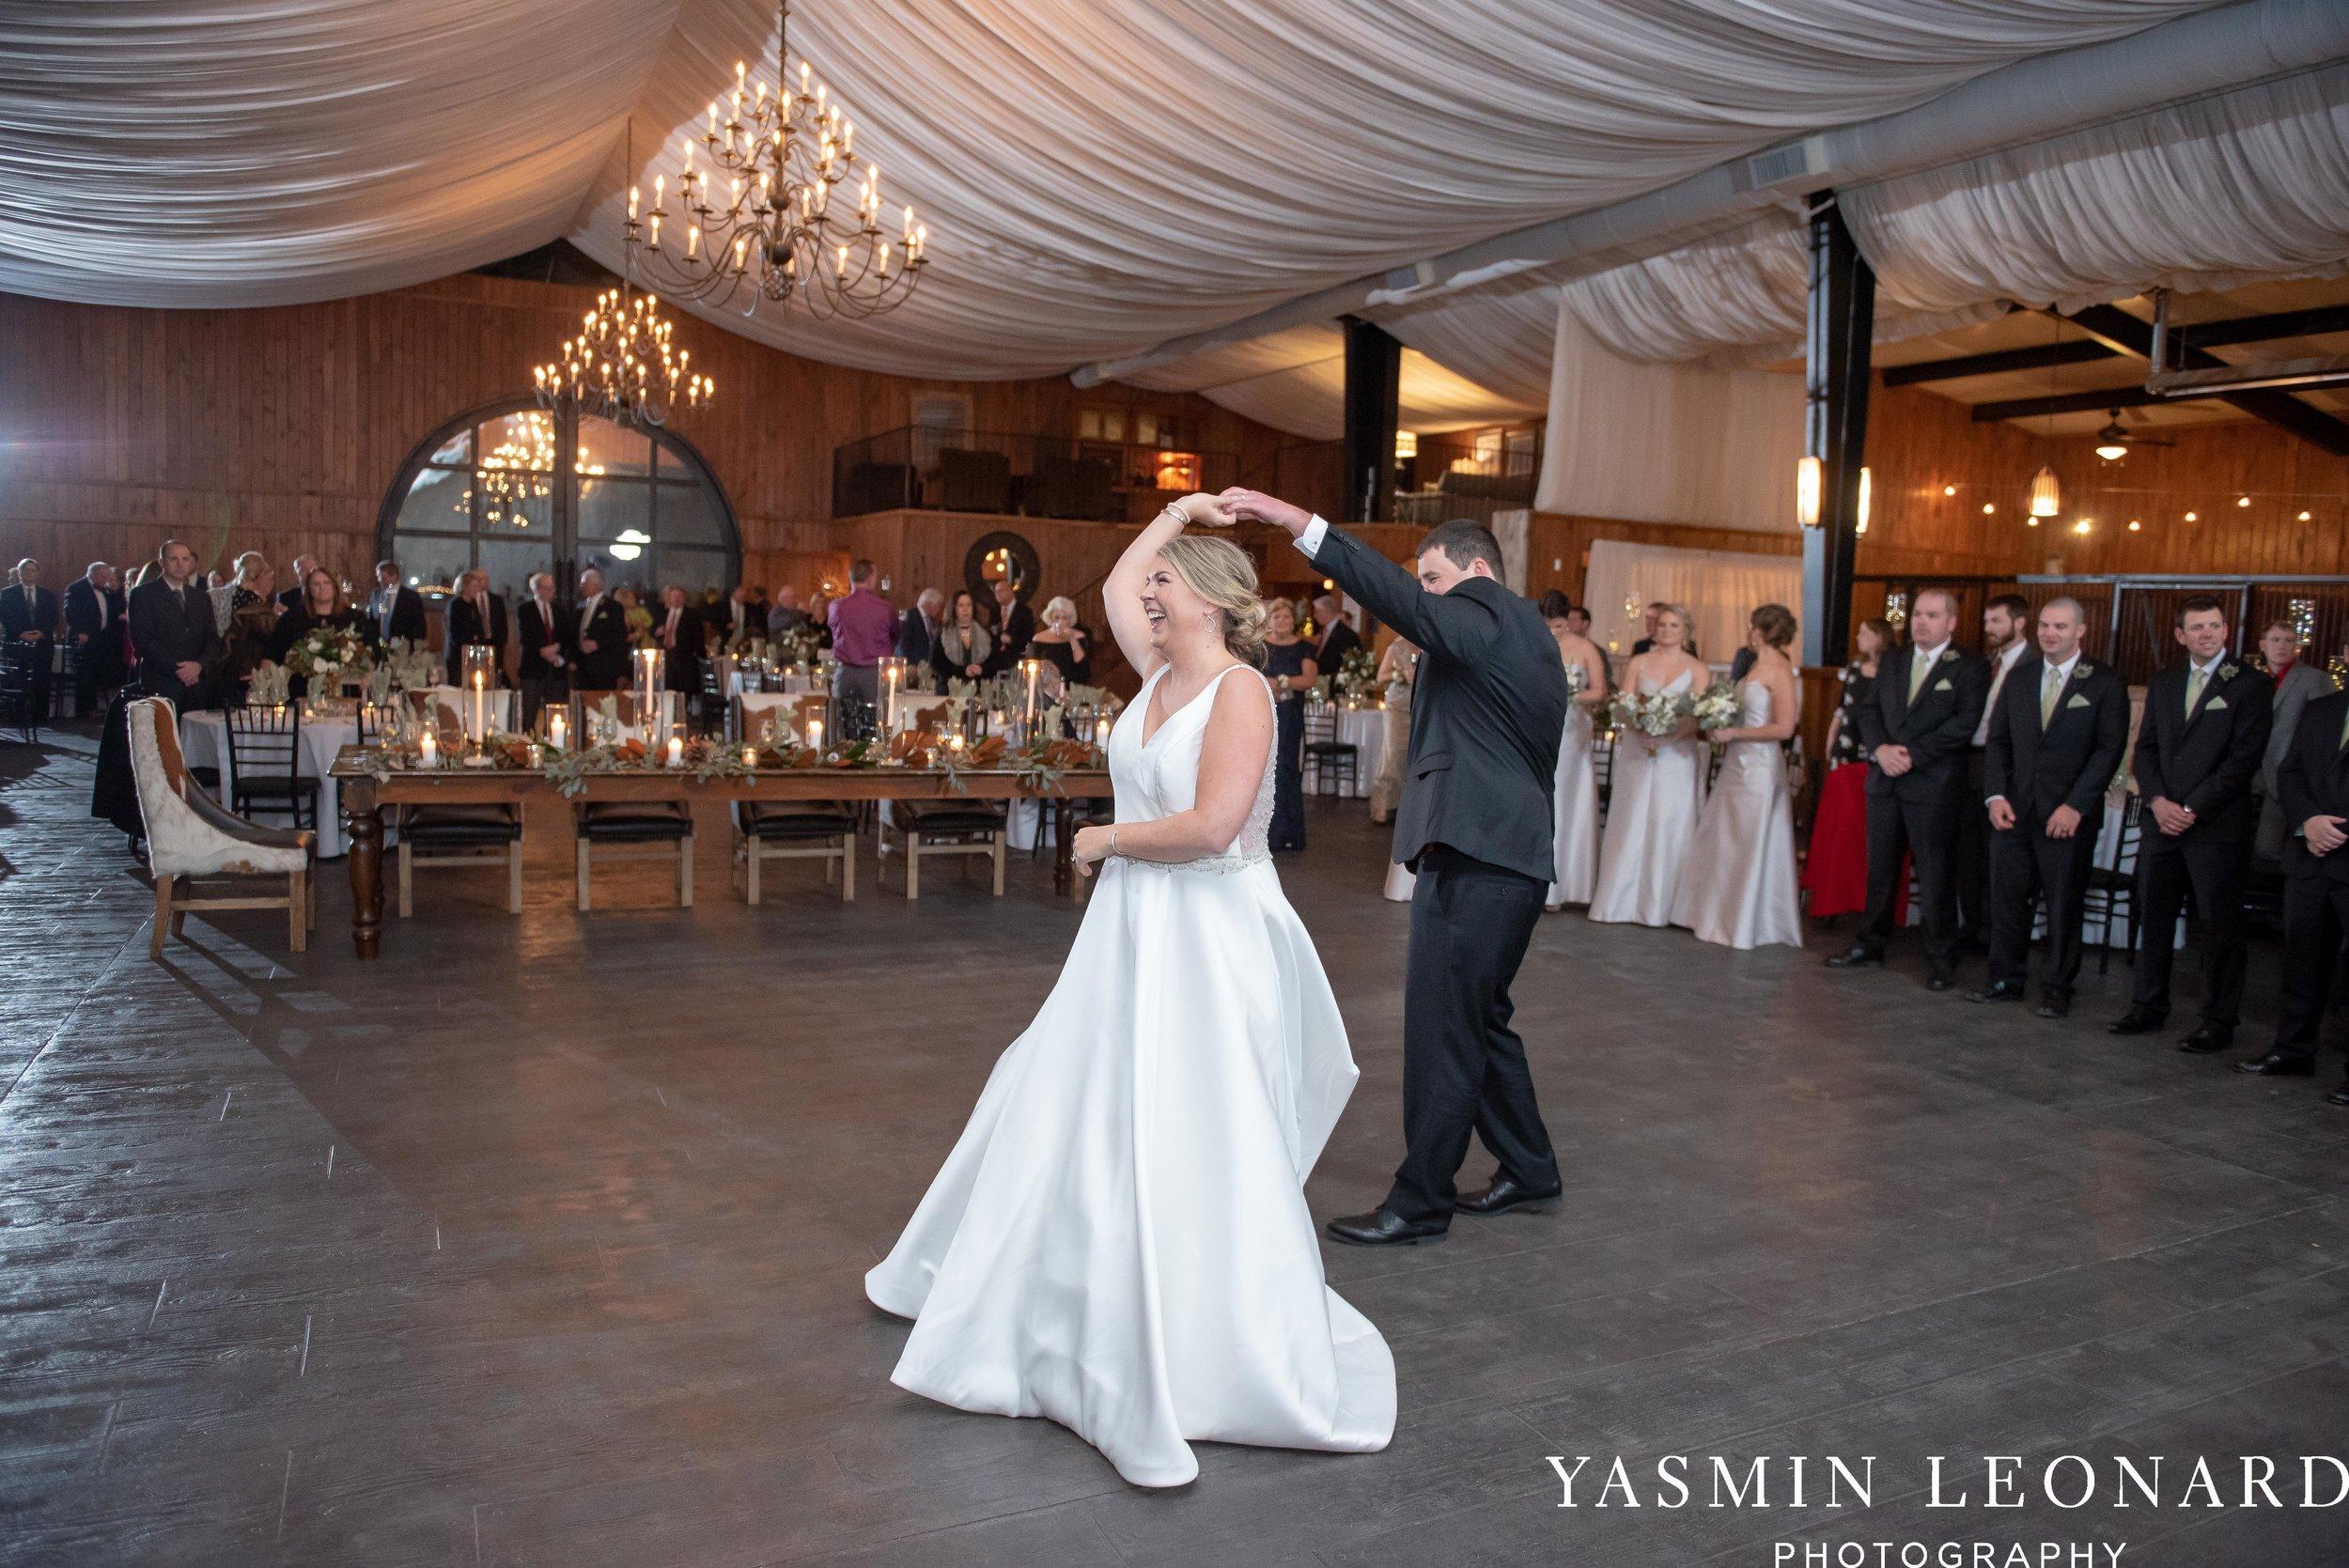 Adaumont Farm - Wesley Memorial Weddings - High Point Weddings - Just Priceless - NC Wedding Photographer - Yasmin Leonard Photography - High Point Wedding Vendors-59.jpg